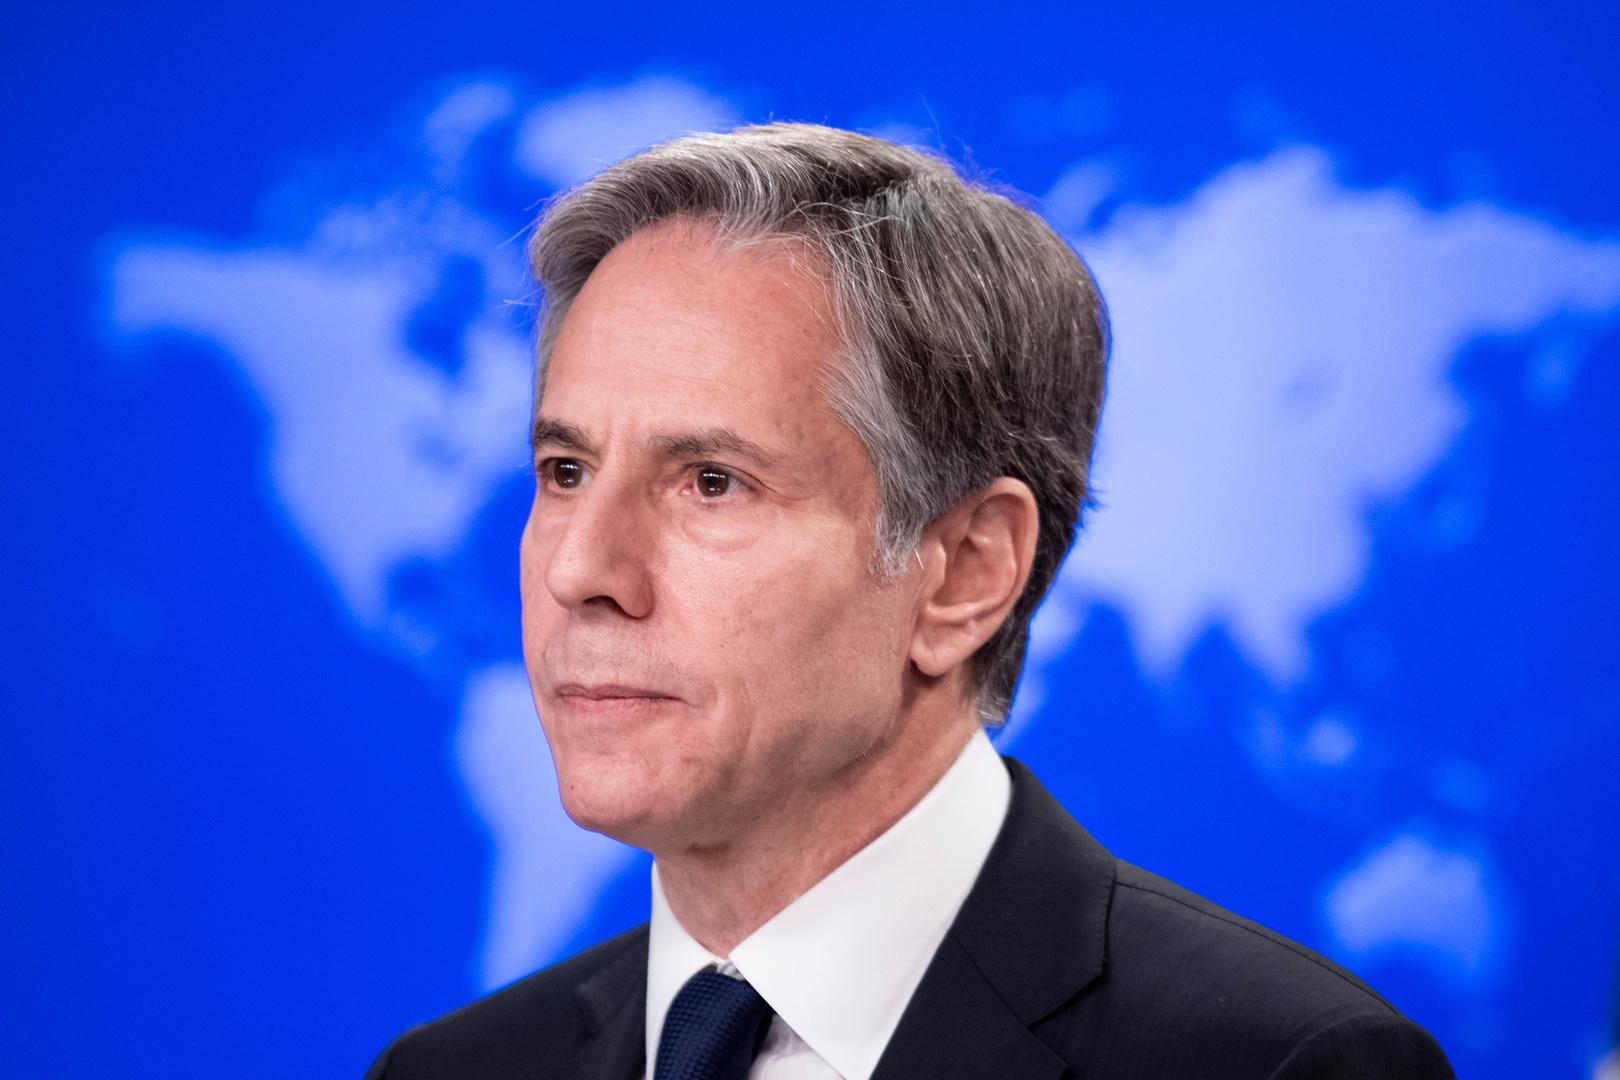 بلينكن: برنامج اللجوء الأمريكي الجديد للأفغان يواجه مشاكل كبيرة